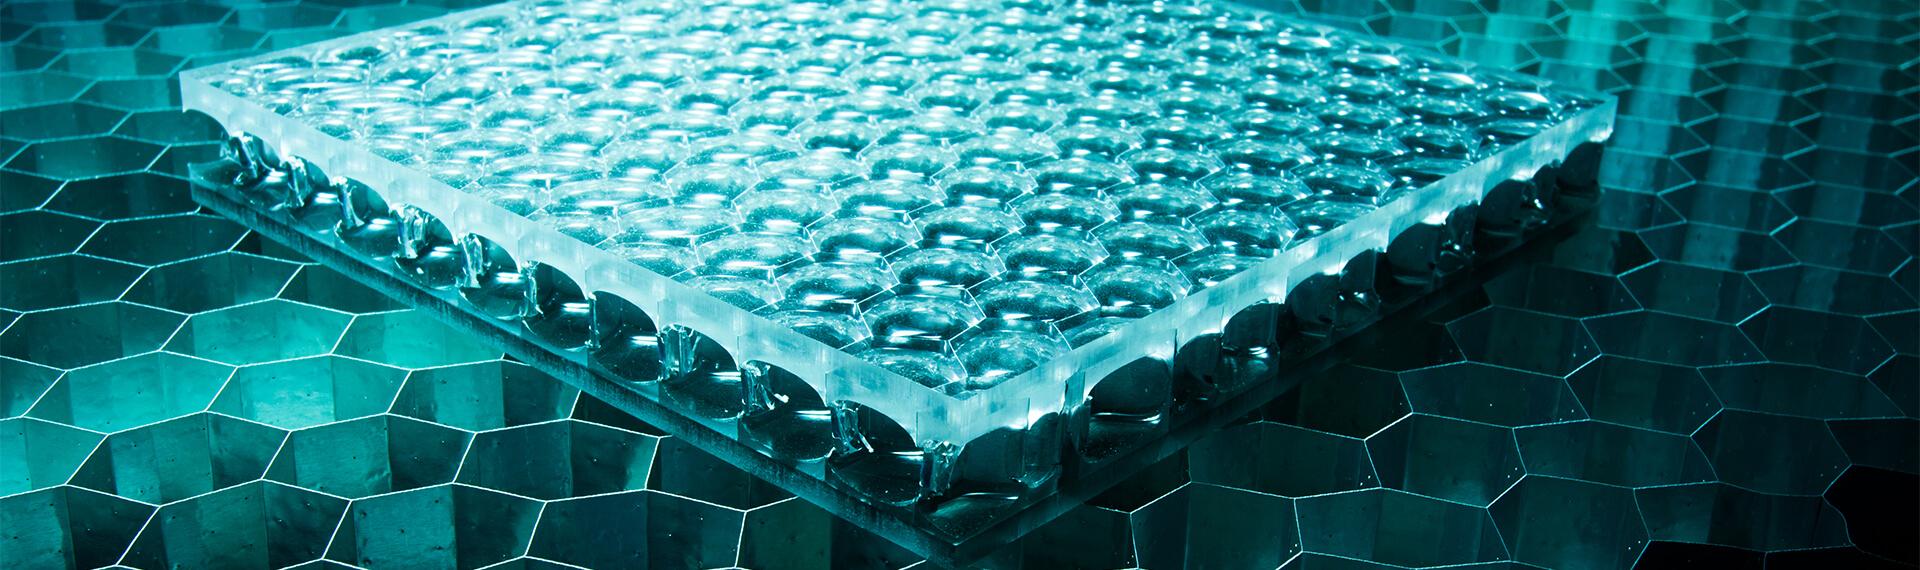 Innovative surface materials header